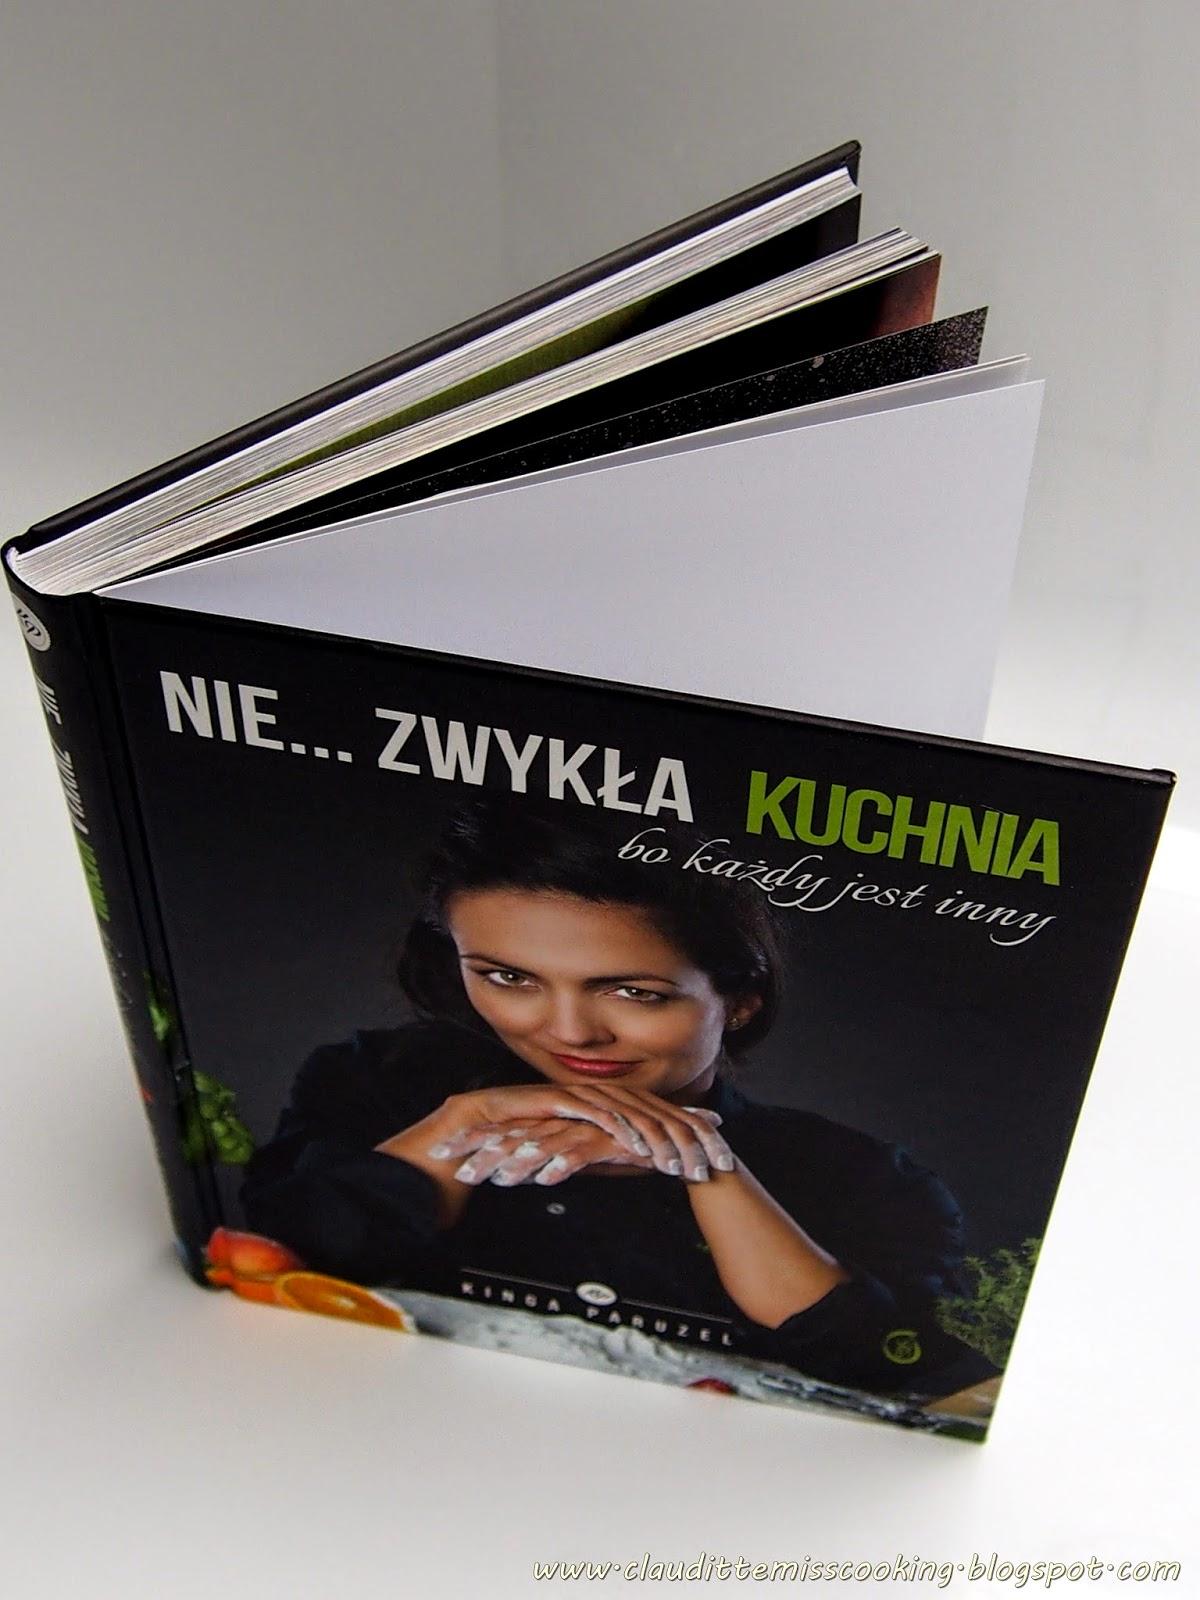 http://claudittemisscooking.blogspot.com/2014/12/niez-zwyka-kuchnia-bo-kazdy-jest-inny.html